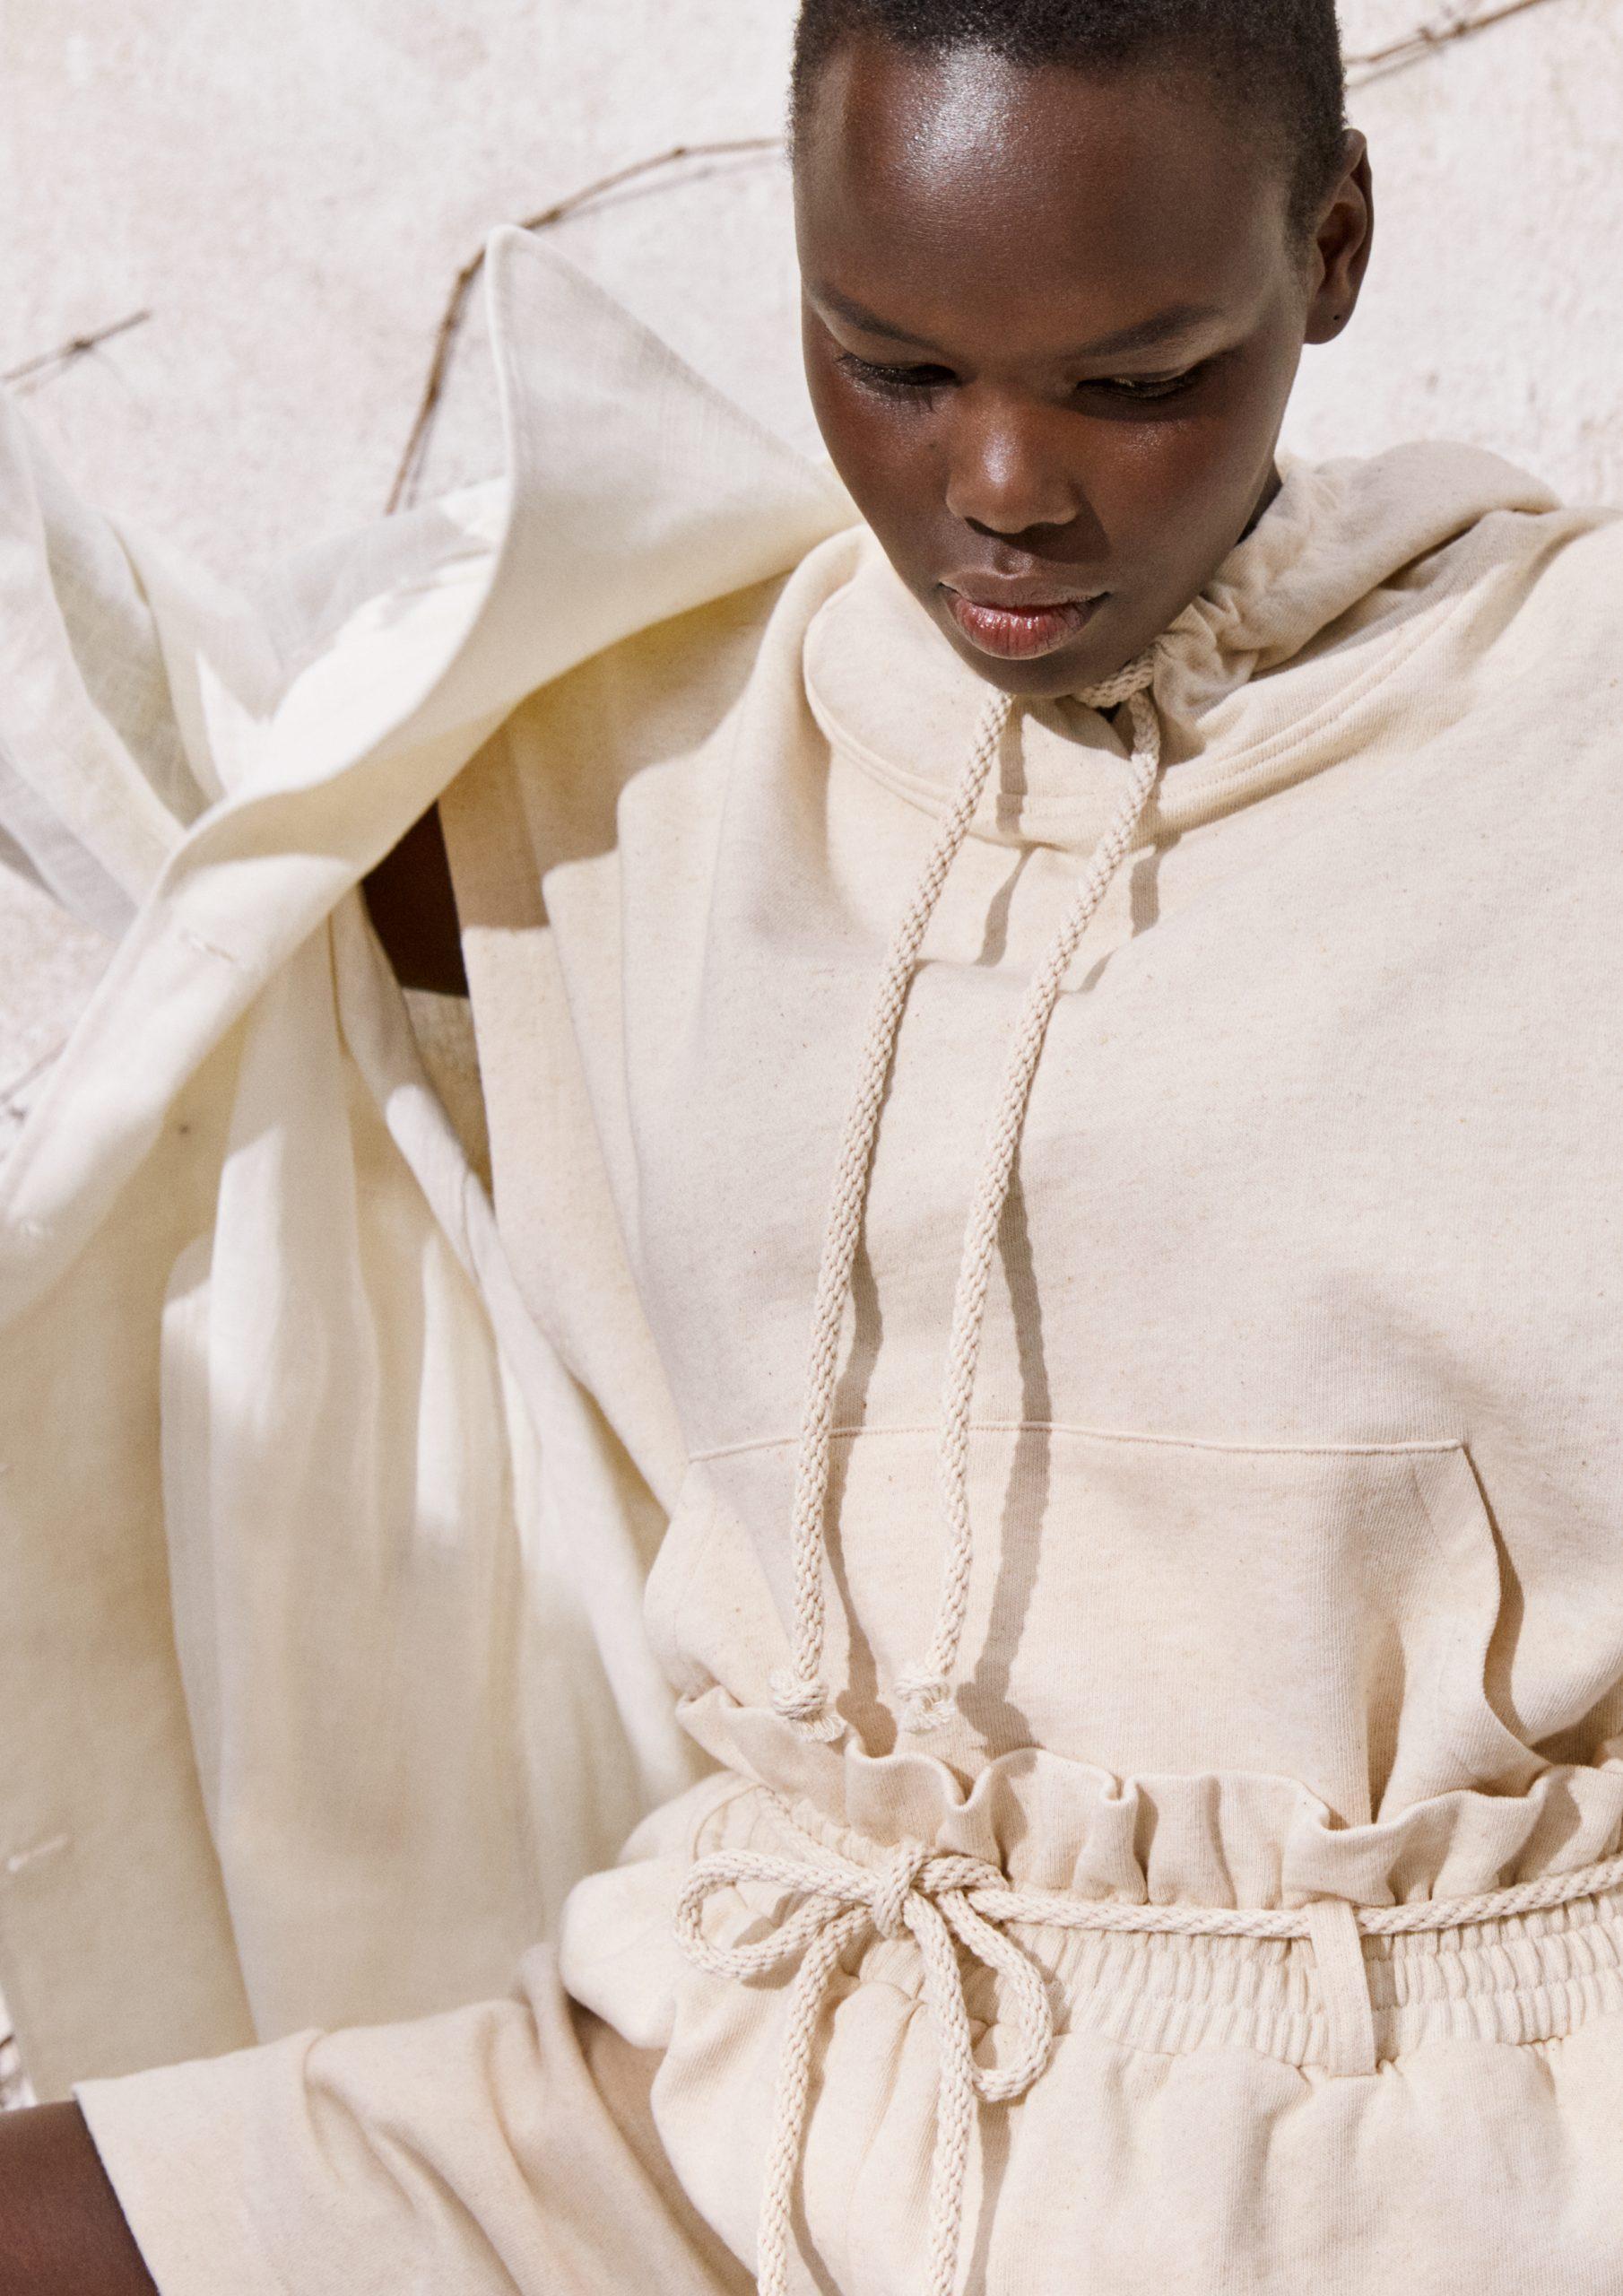 1103-Spring-Fashion-Portrait-Campaign-Images-300ppi-03